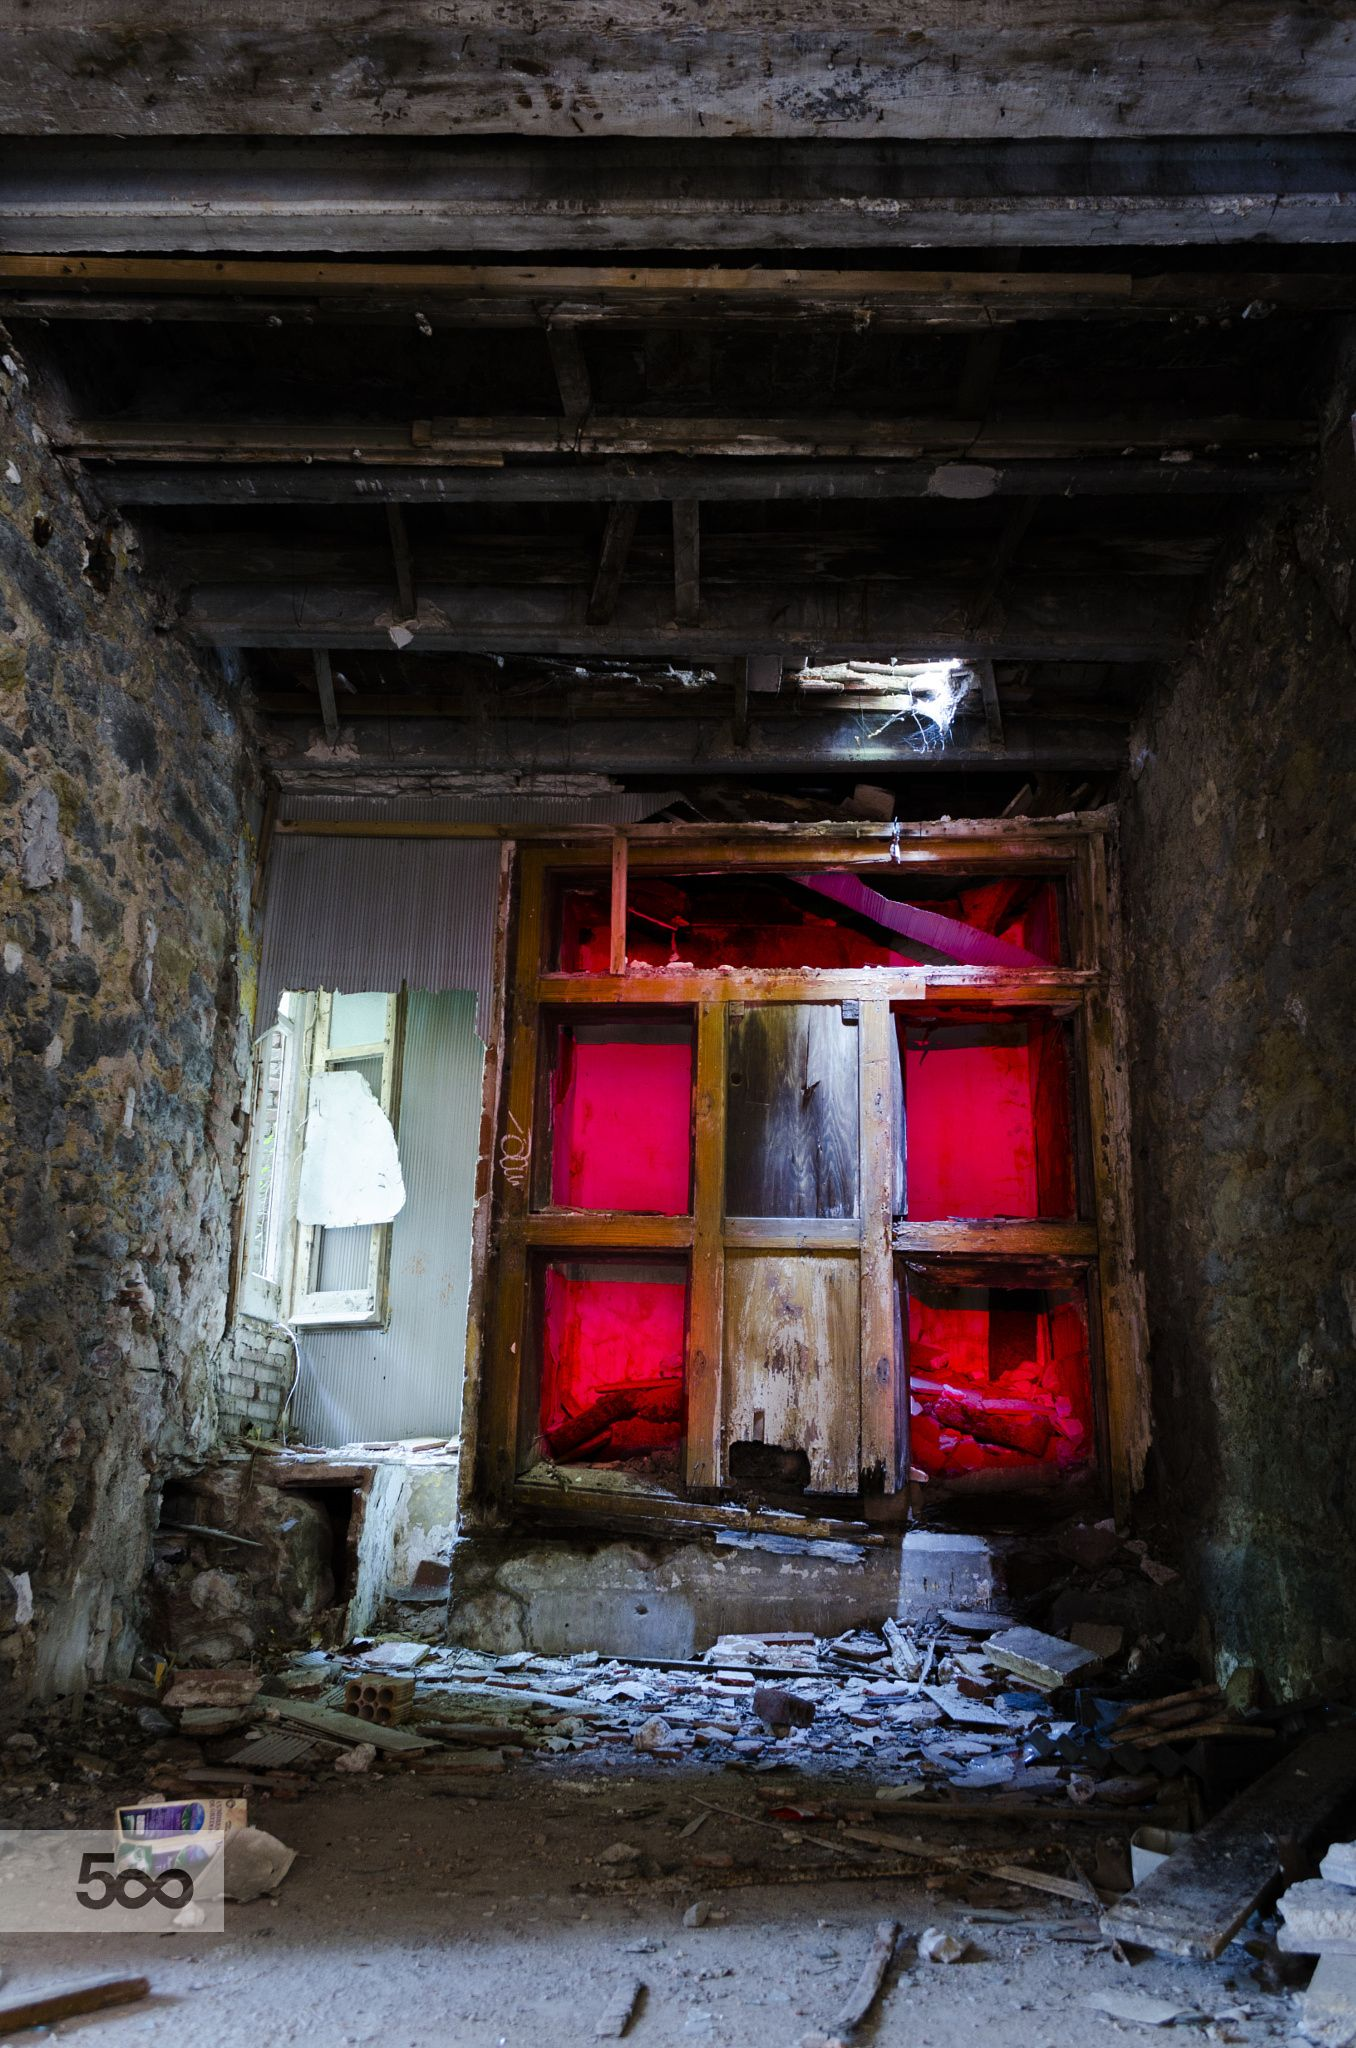 Camino al infierno by juan carlos carnerero romo on 500px